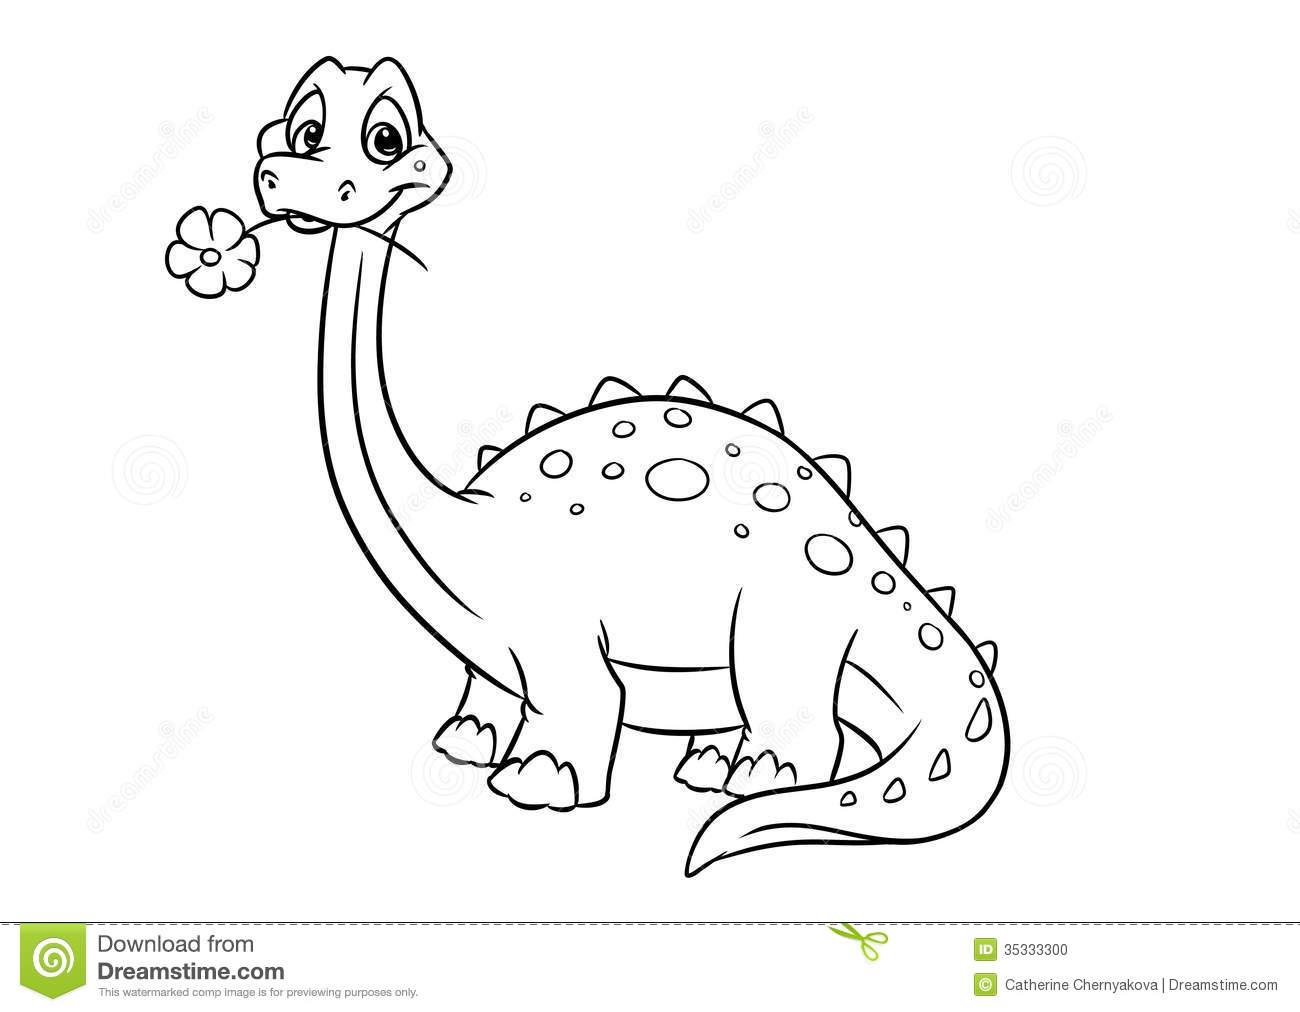 apatosaurus coloring page dinosaur coloring pages printable brontosaurus dinosaurs coloring apatosaurus page